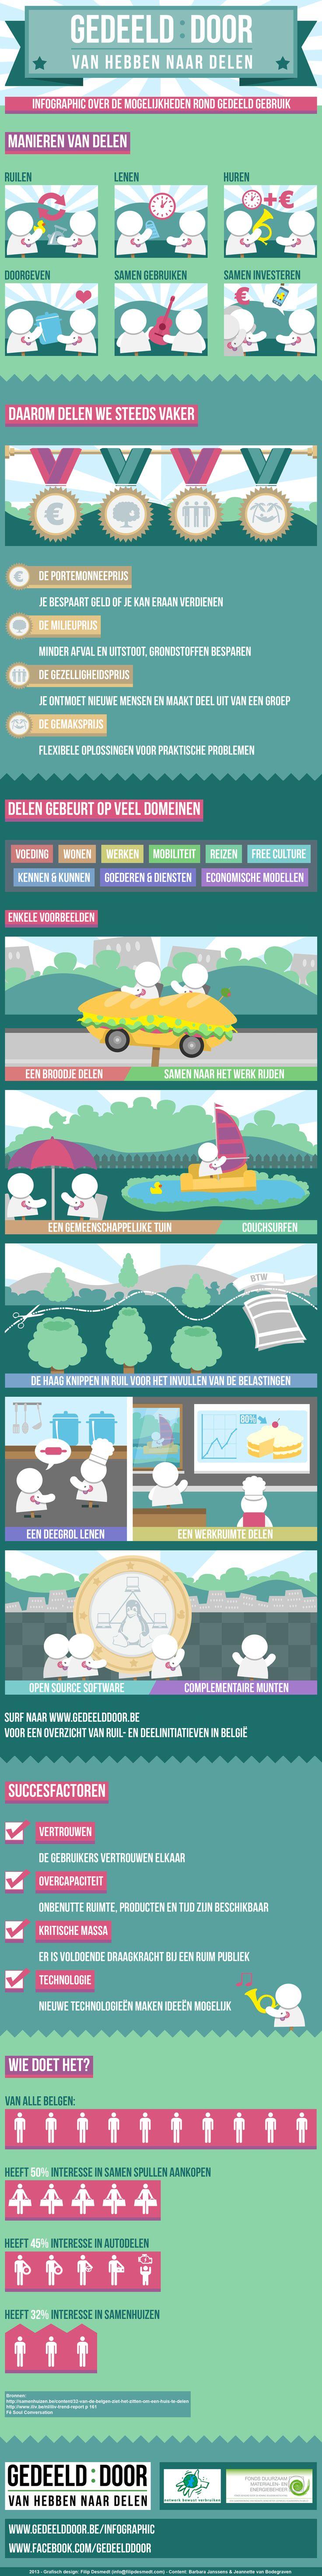 Infographic over de mogelijkheden rond gedeeld gebruik